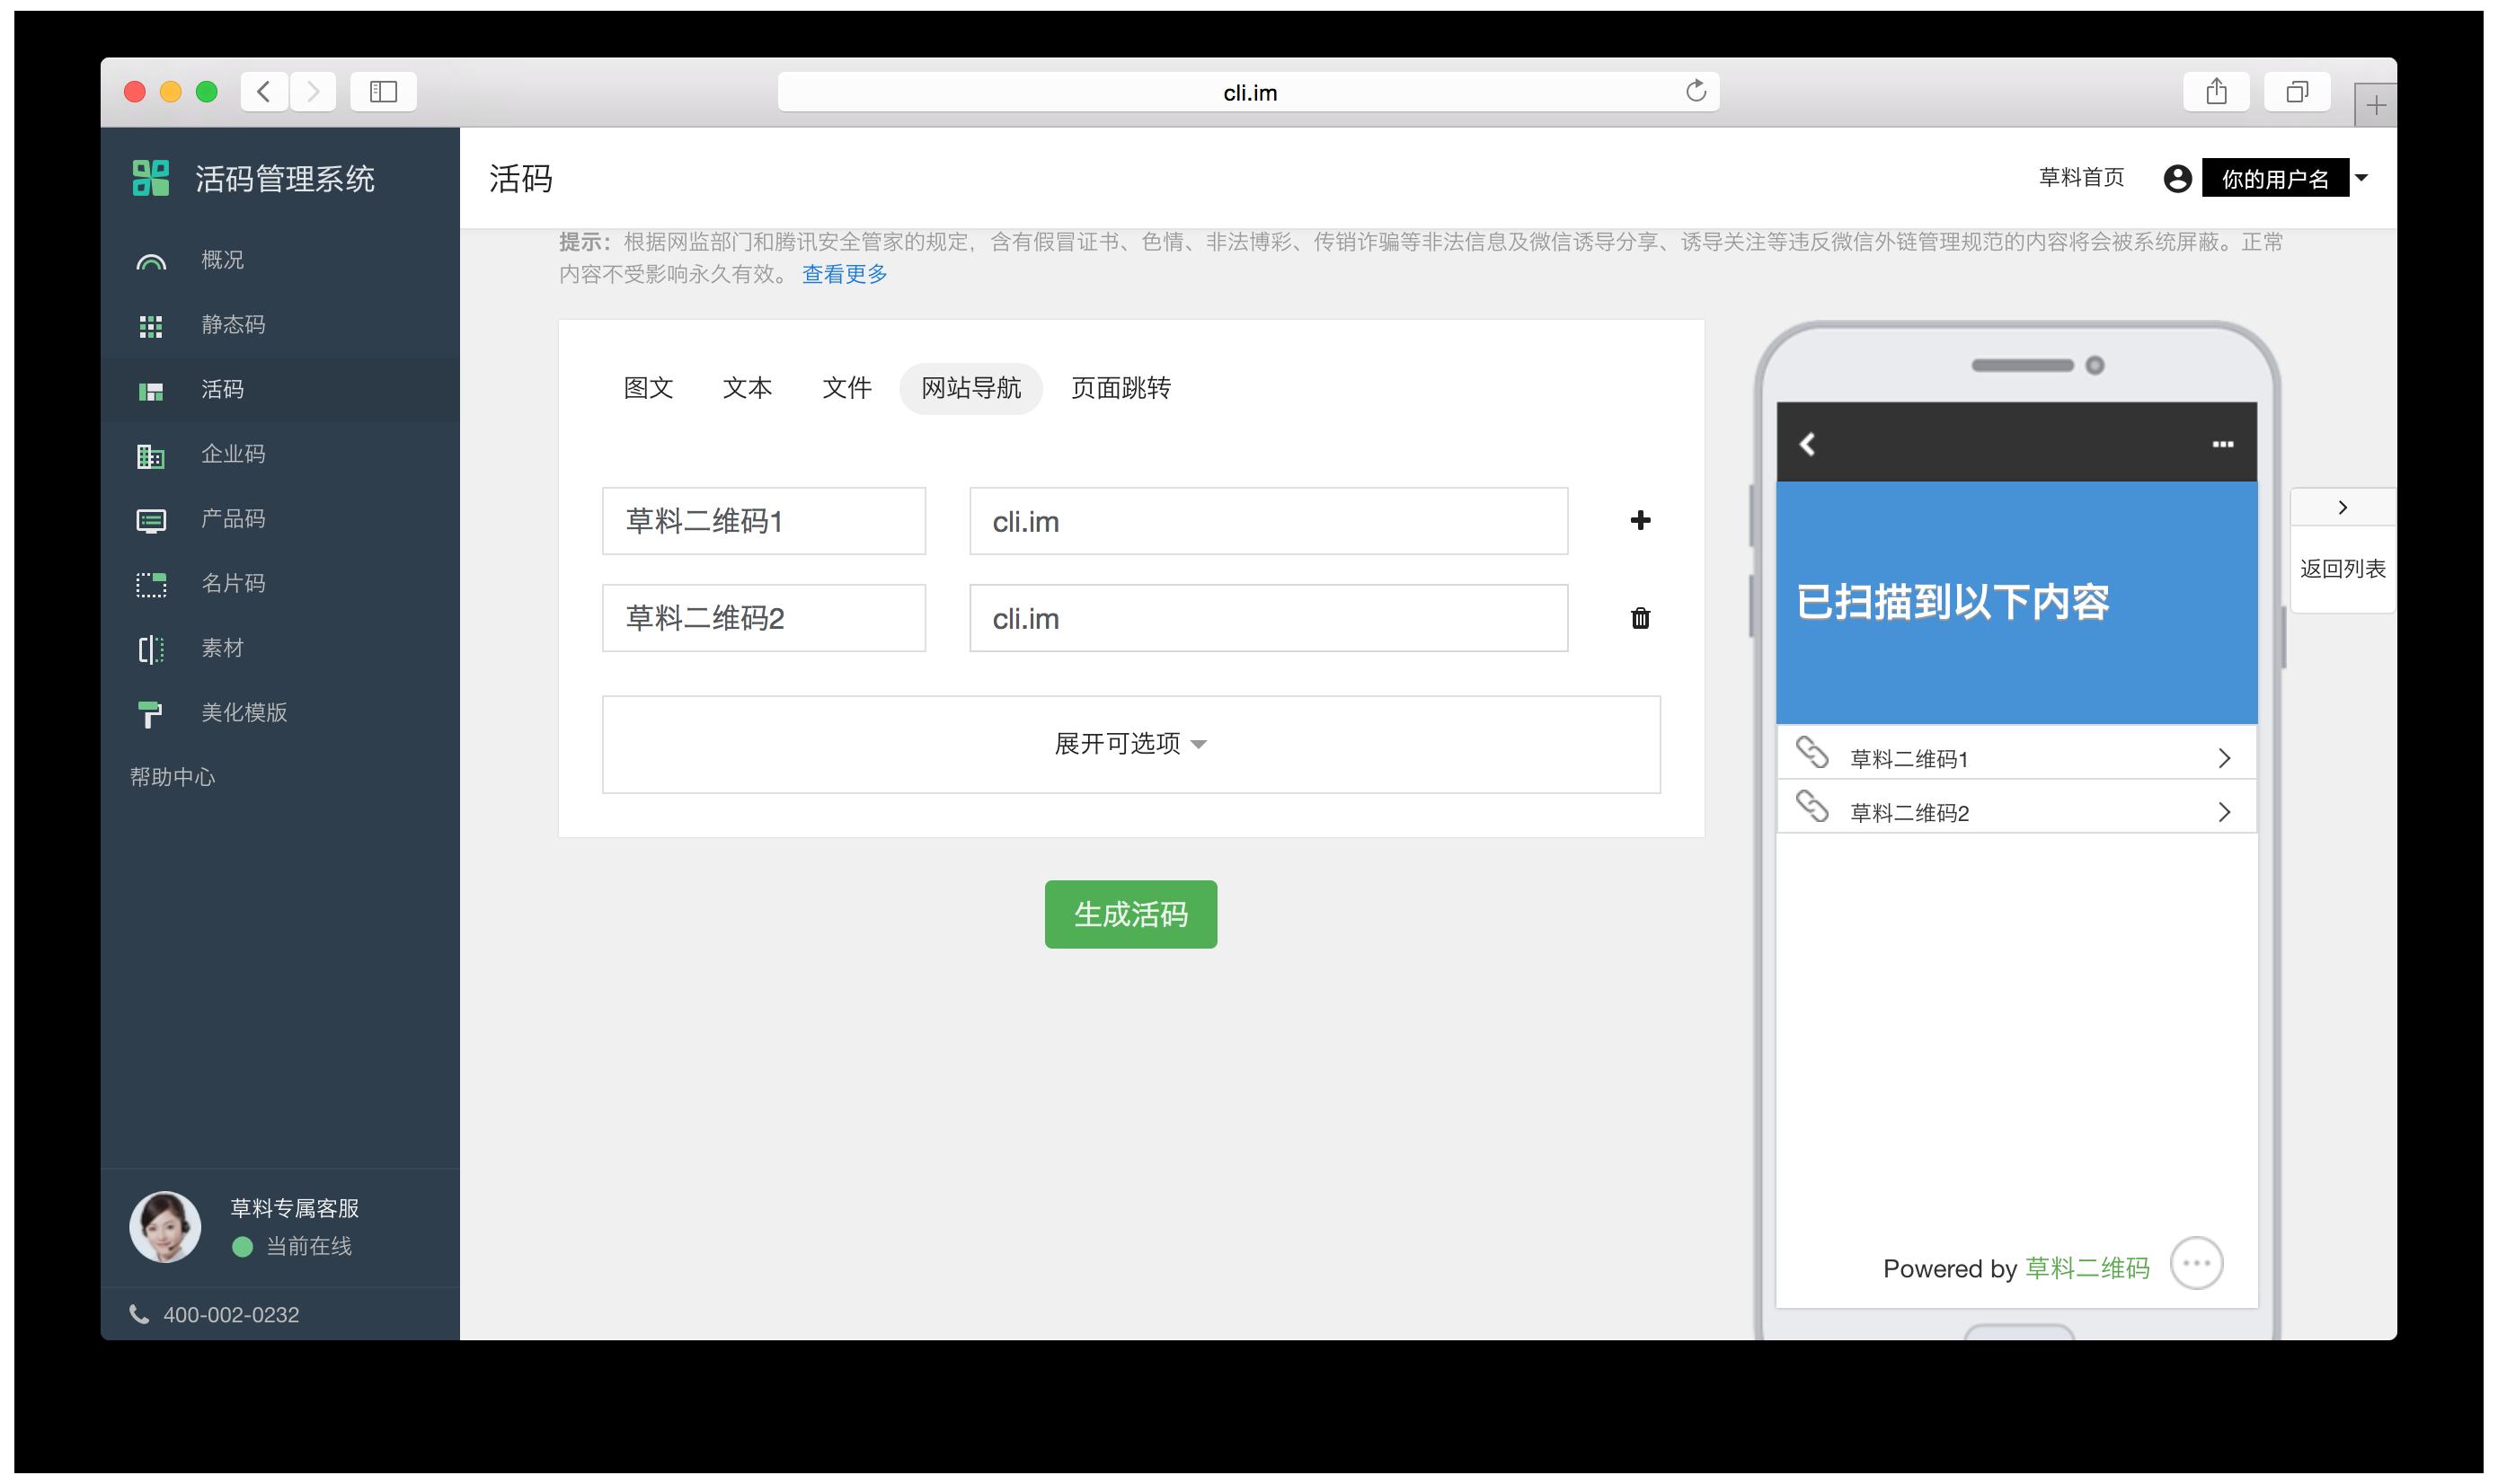 """怎样注册网站域名_【教程】怎样用""""草料二维码""""制作二维码指向网站导航 - 知乎"""